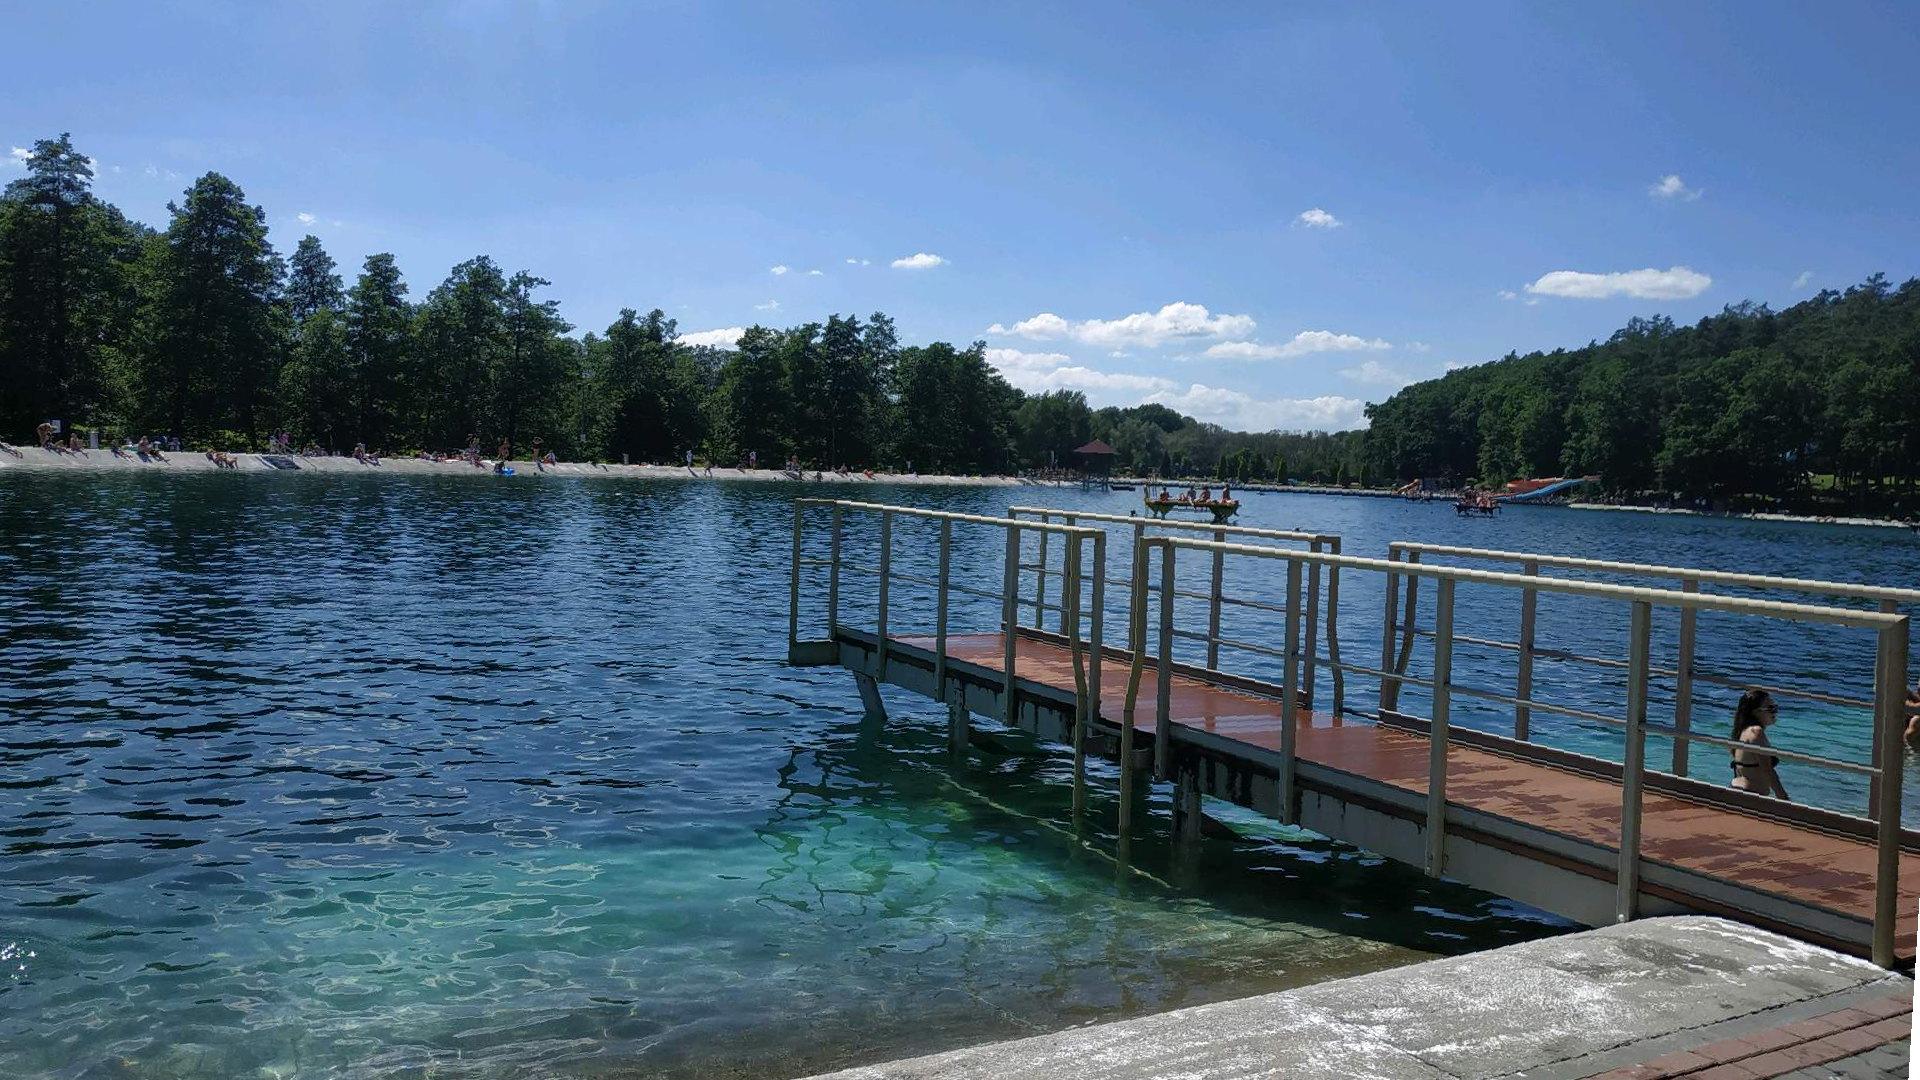 Koupaliště Sareza Poruba v Ostravě – Ceník, bazény a průvodce